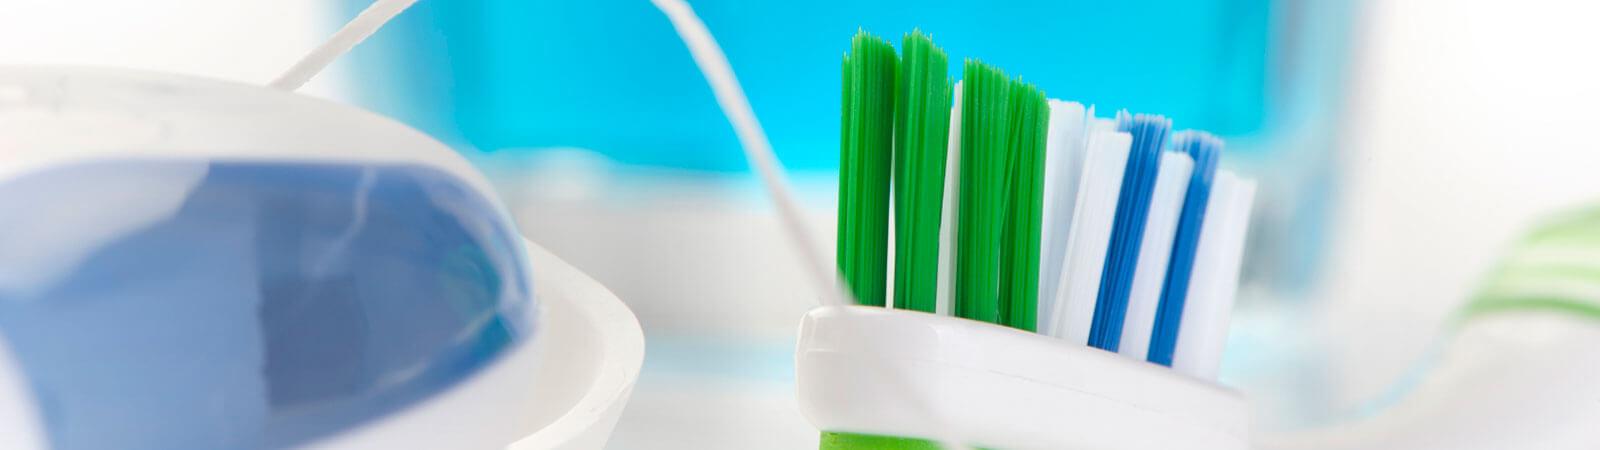 Igiene e prevenzione | Studio Odontoiatrico Dr. Colombo Bolla - Dr. Brivio